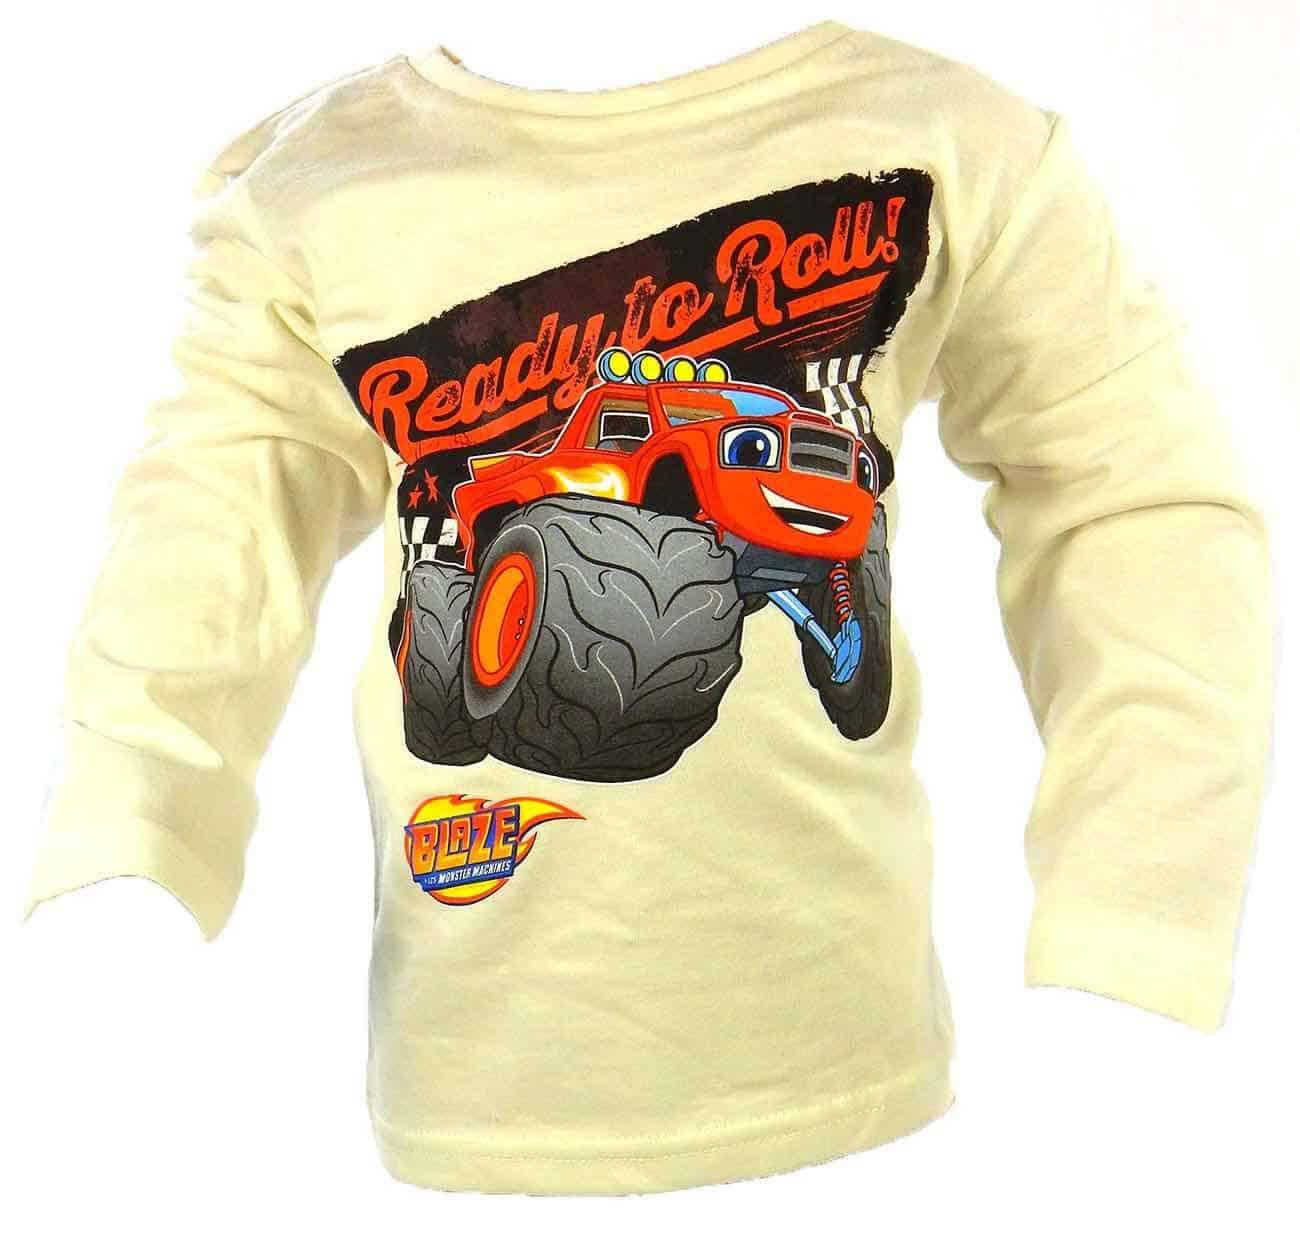 Haine pentru baieti, bluza pentru copii